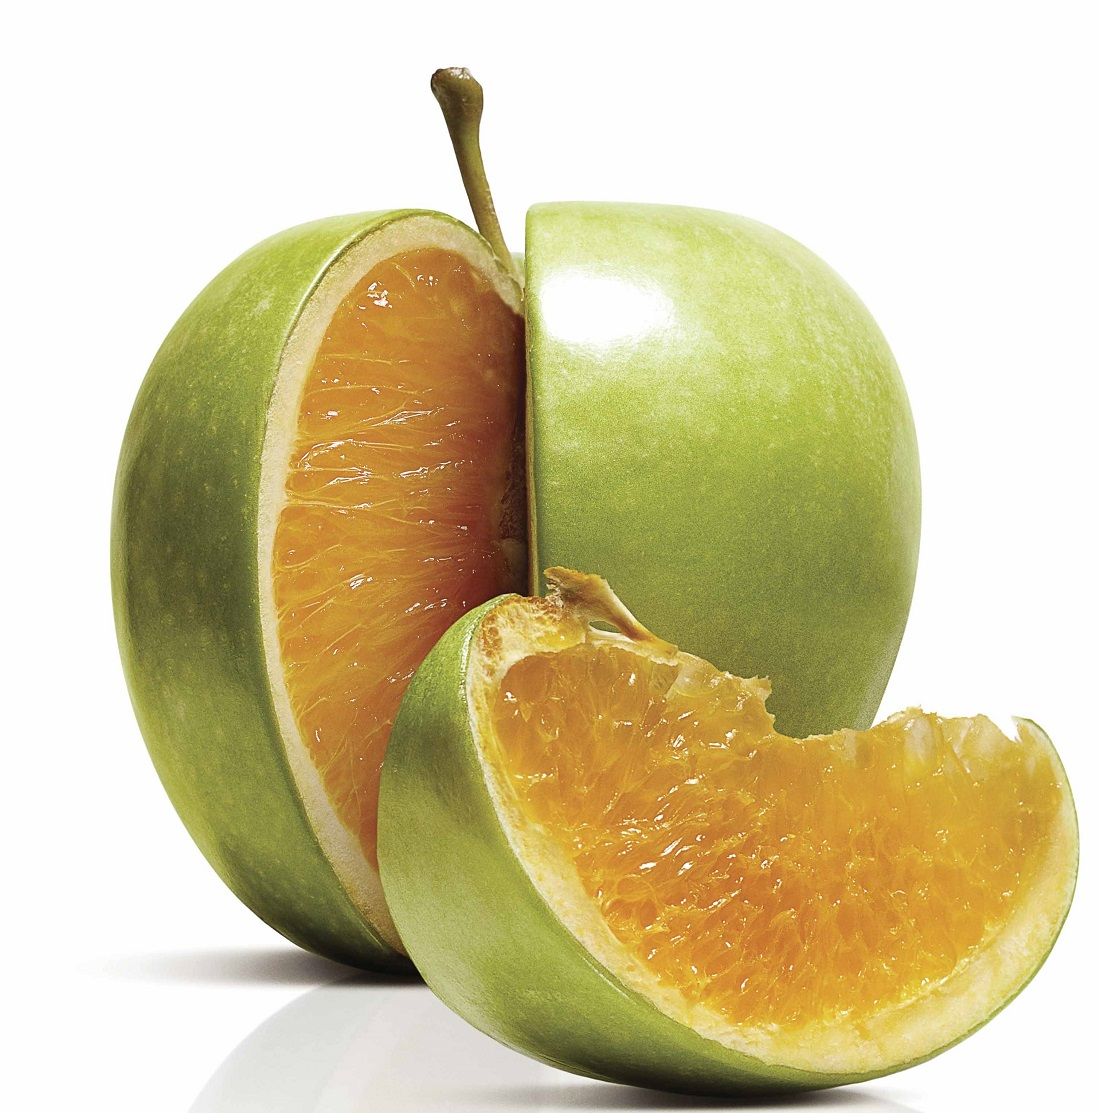 سیب پرتقال انتخاب